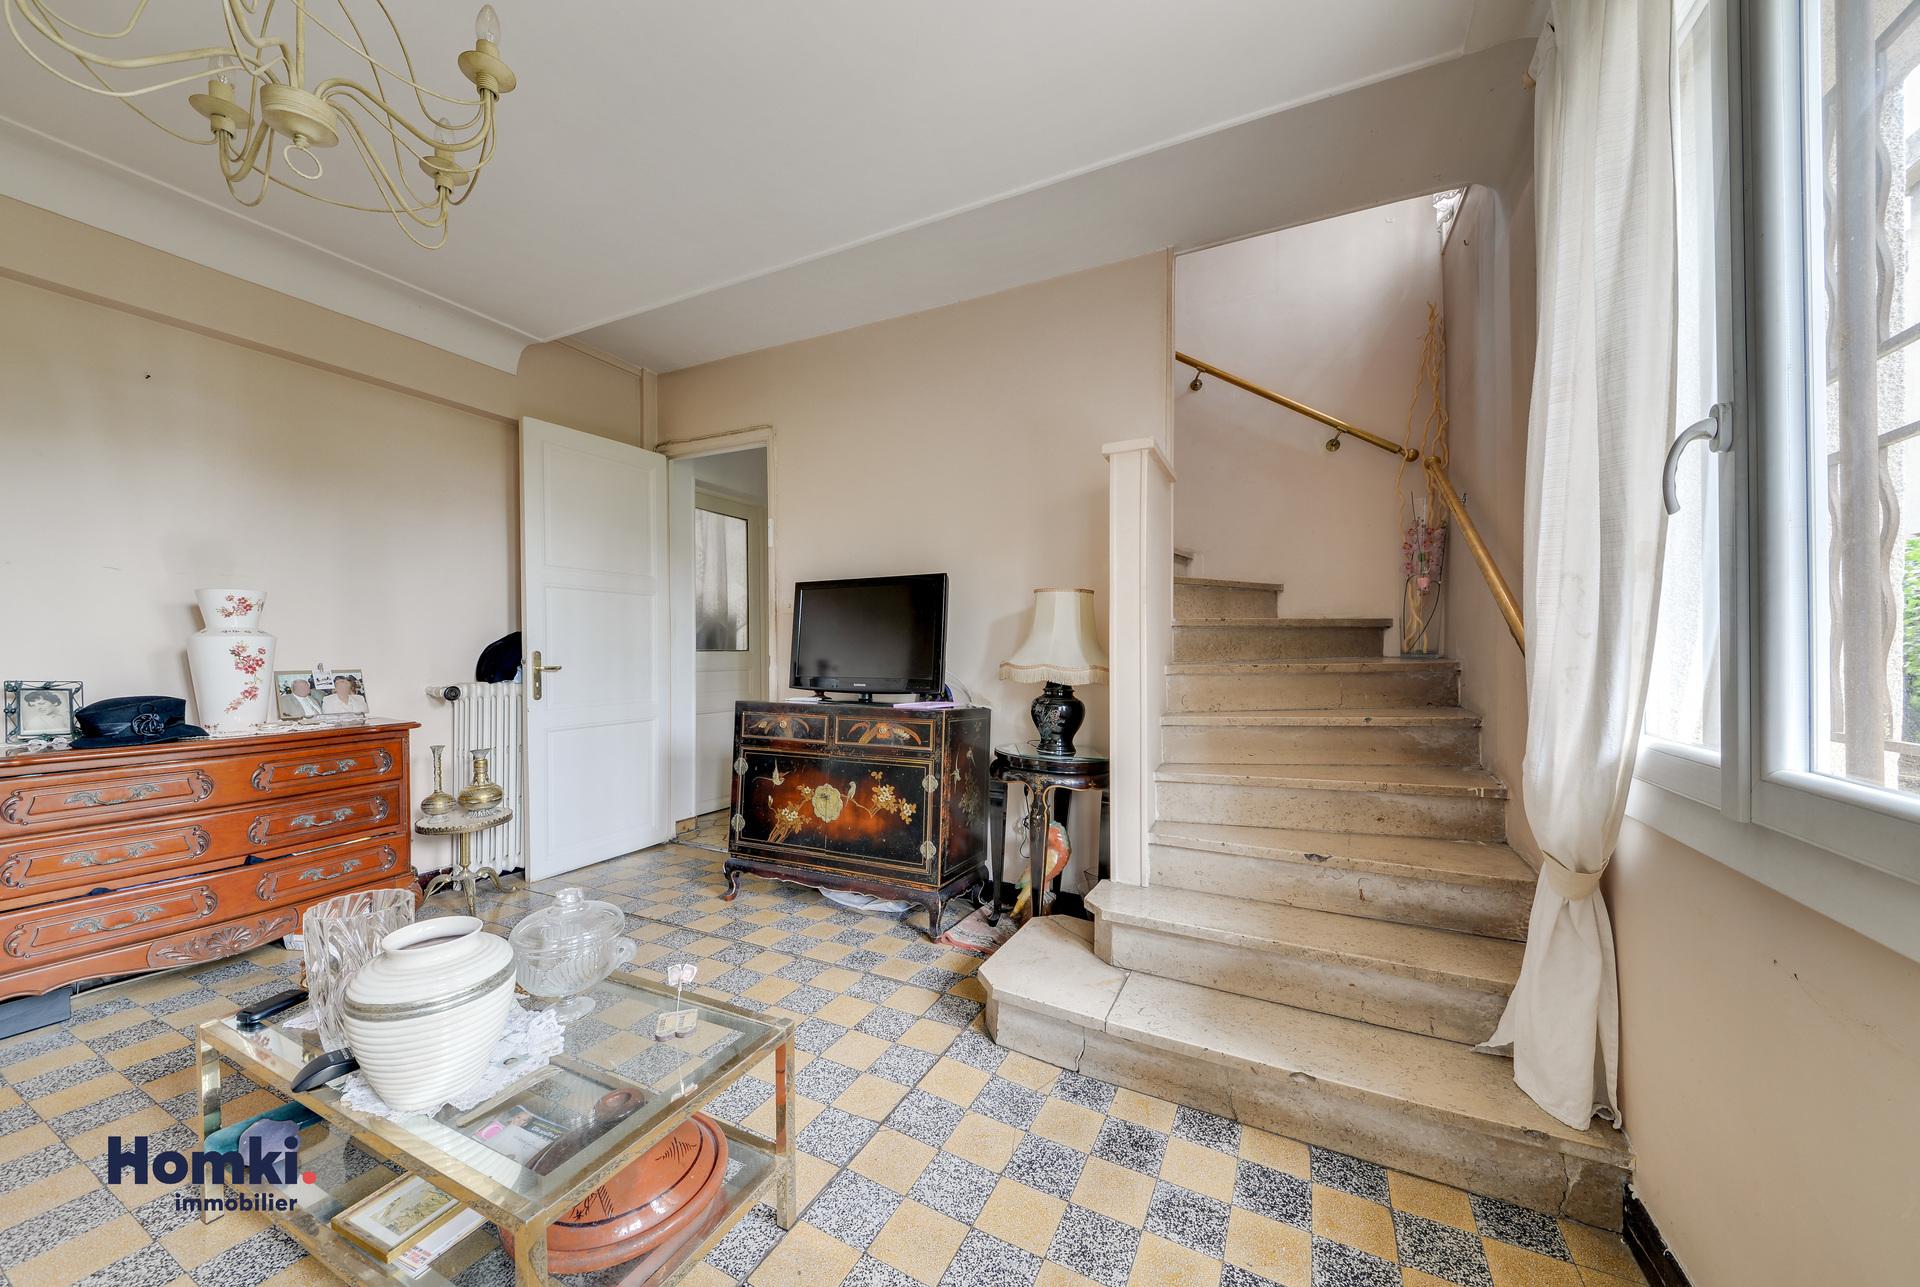 Vente maison 160m² T7 13013_6